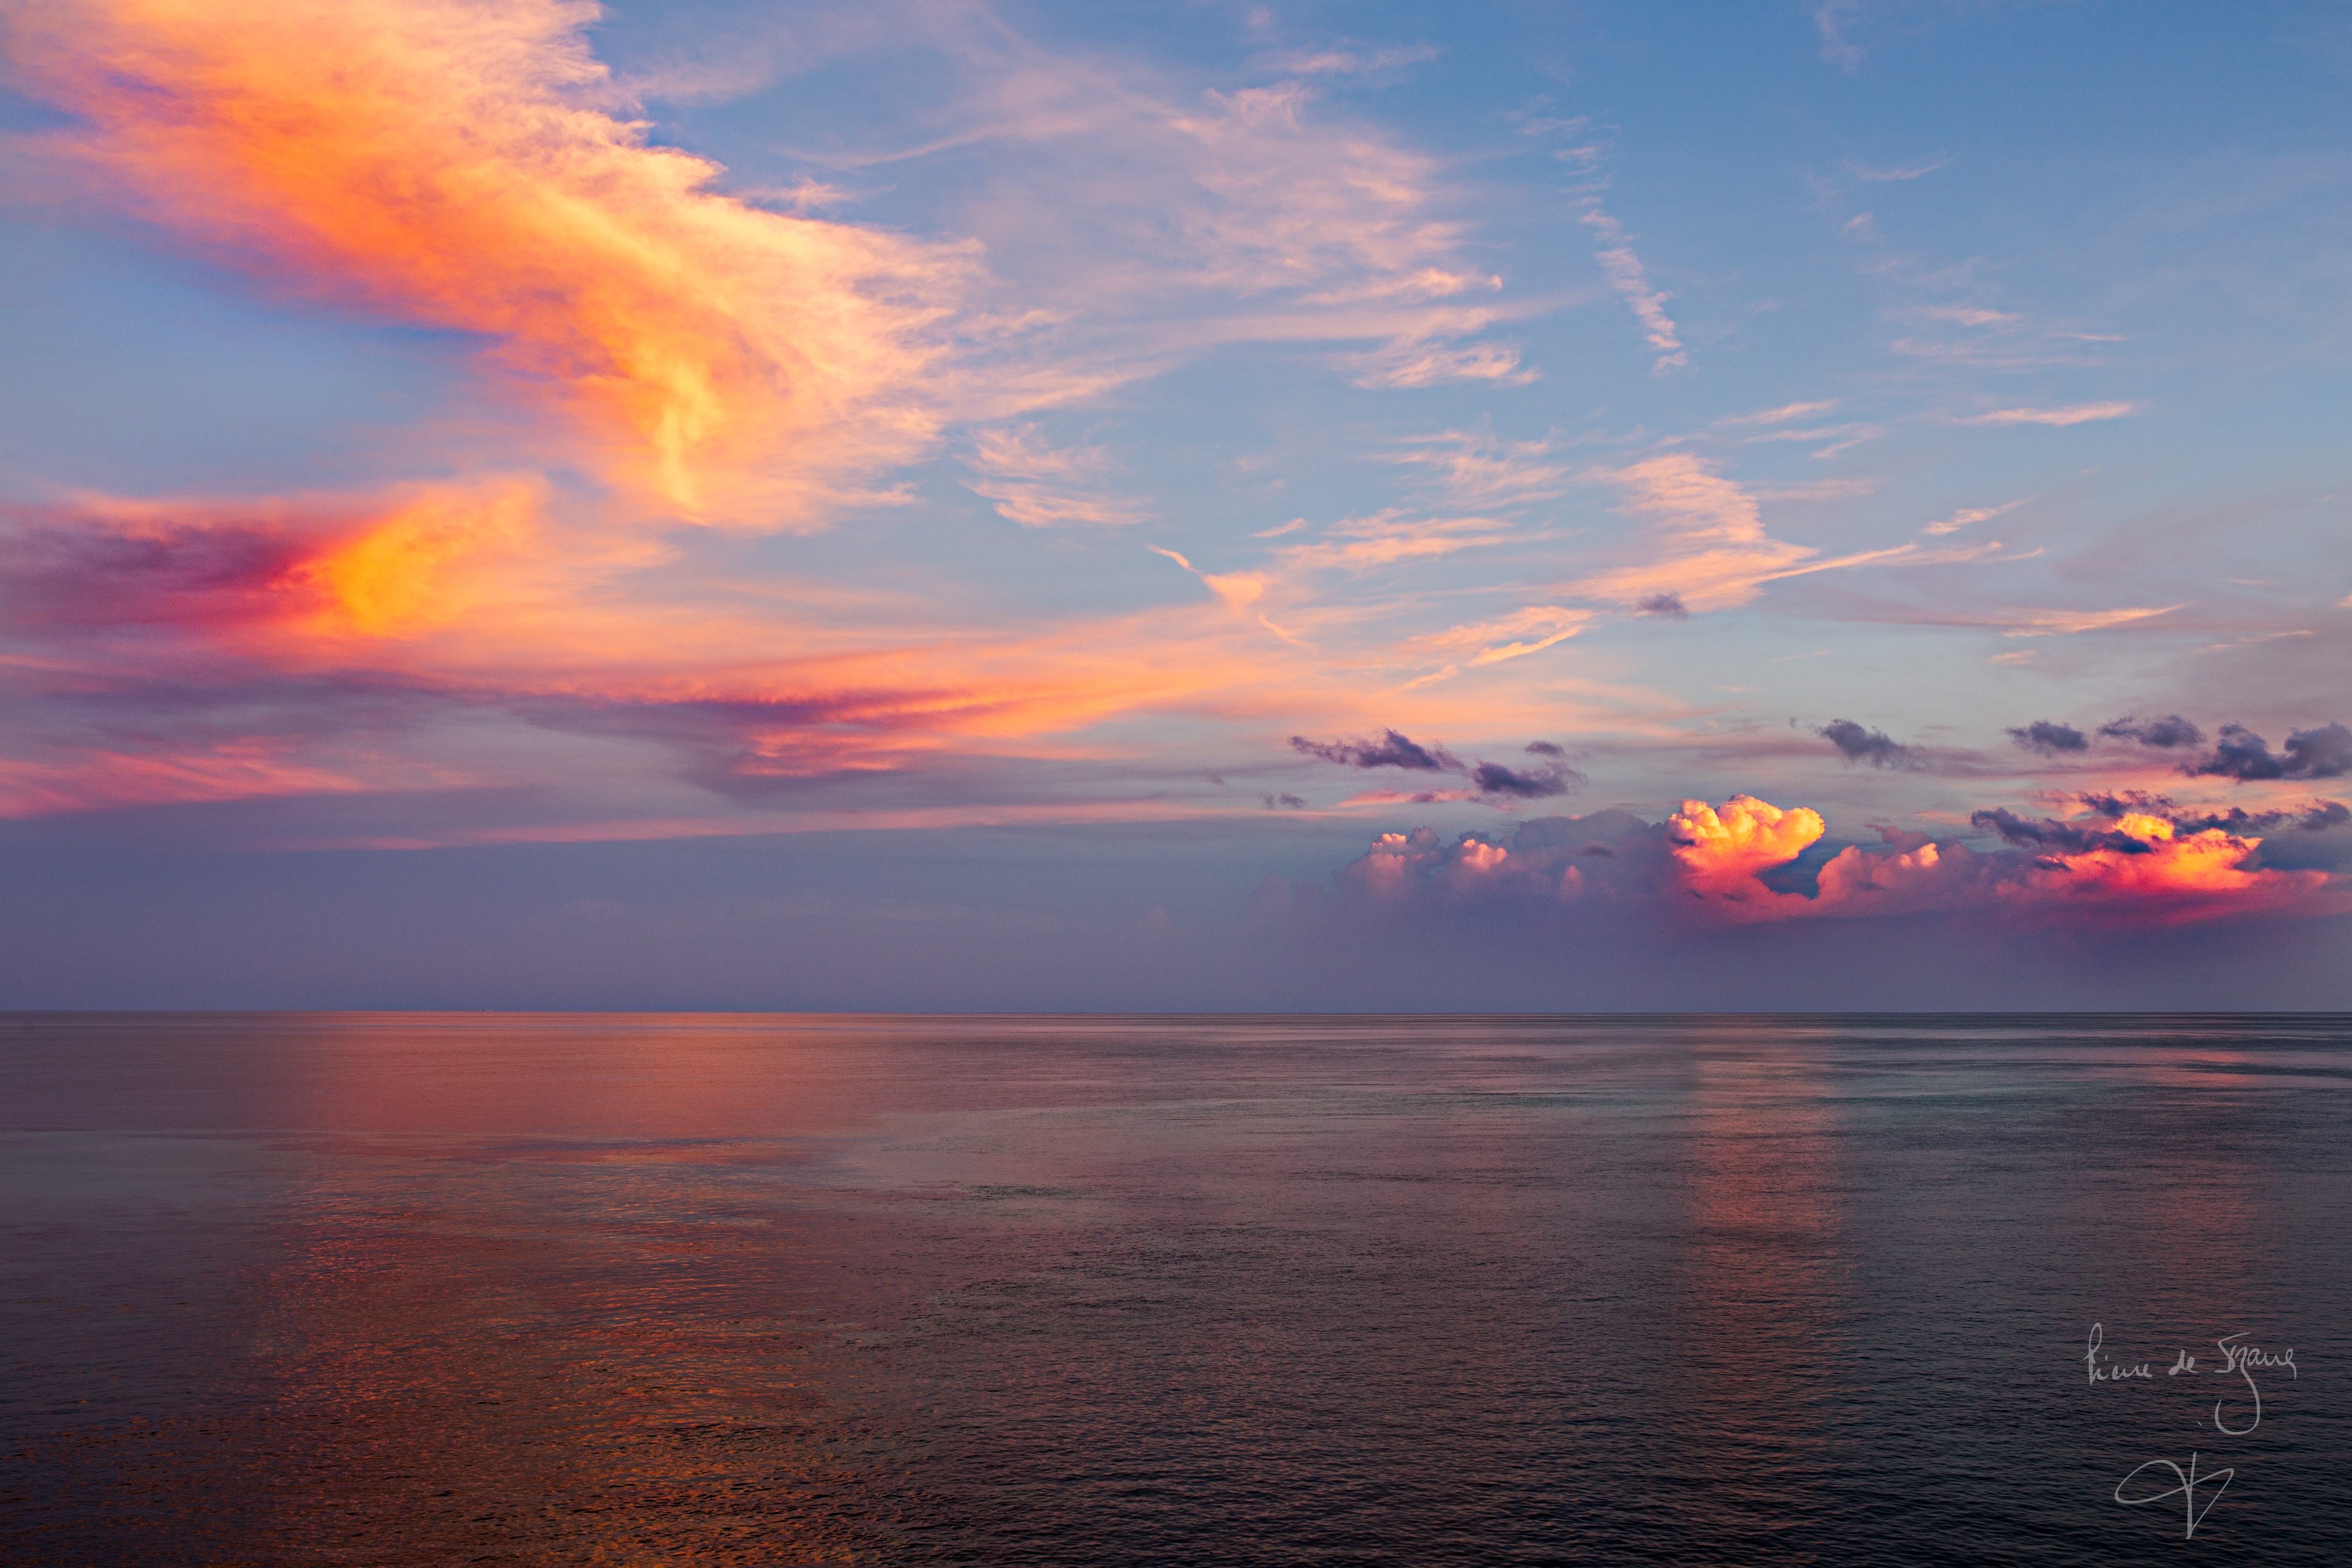 Sunset-mer-ciel.jpg